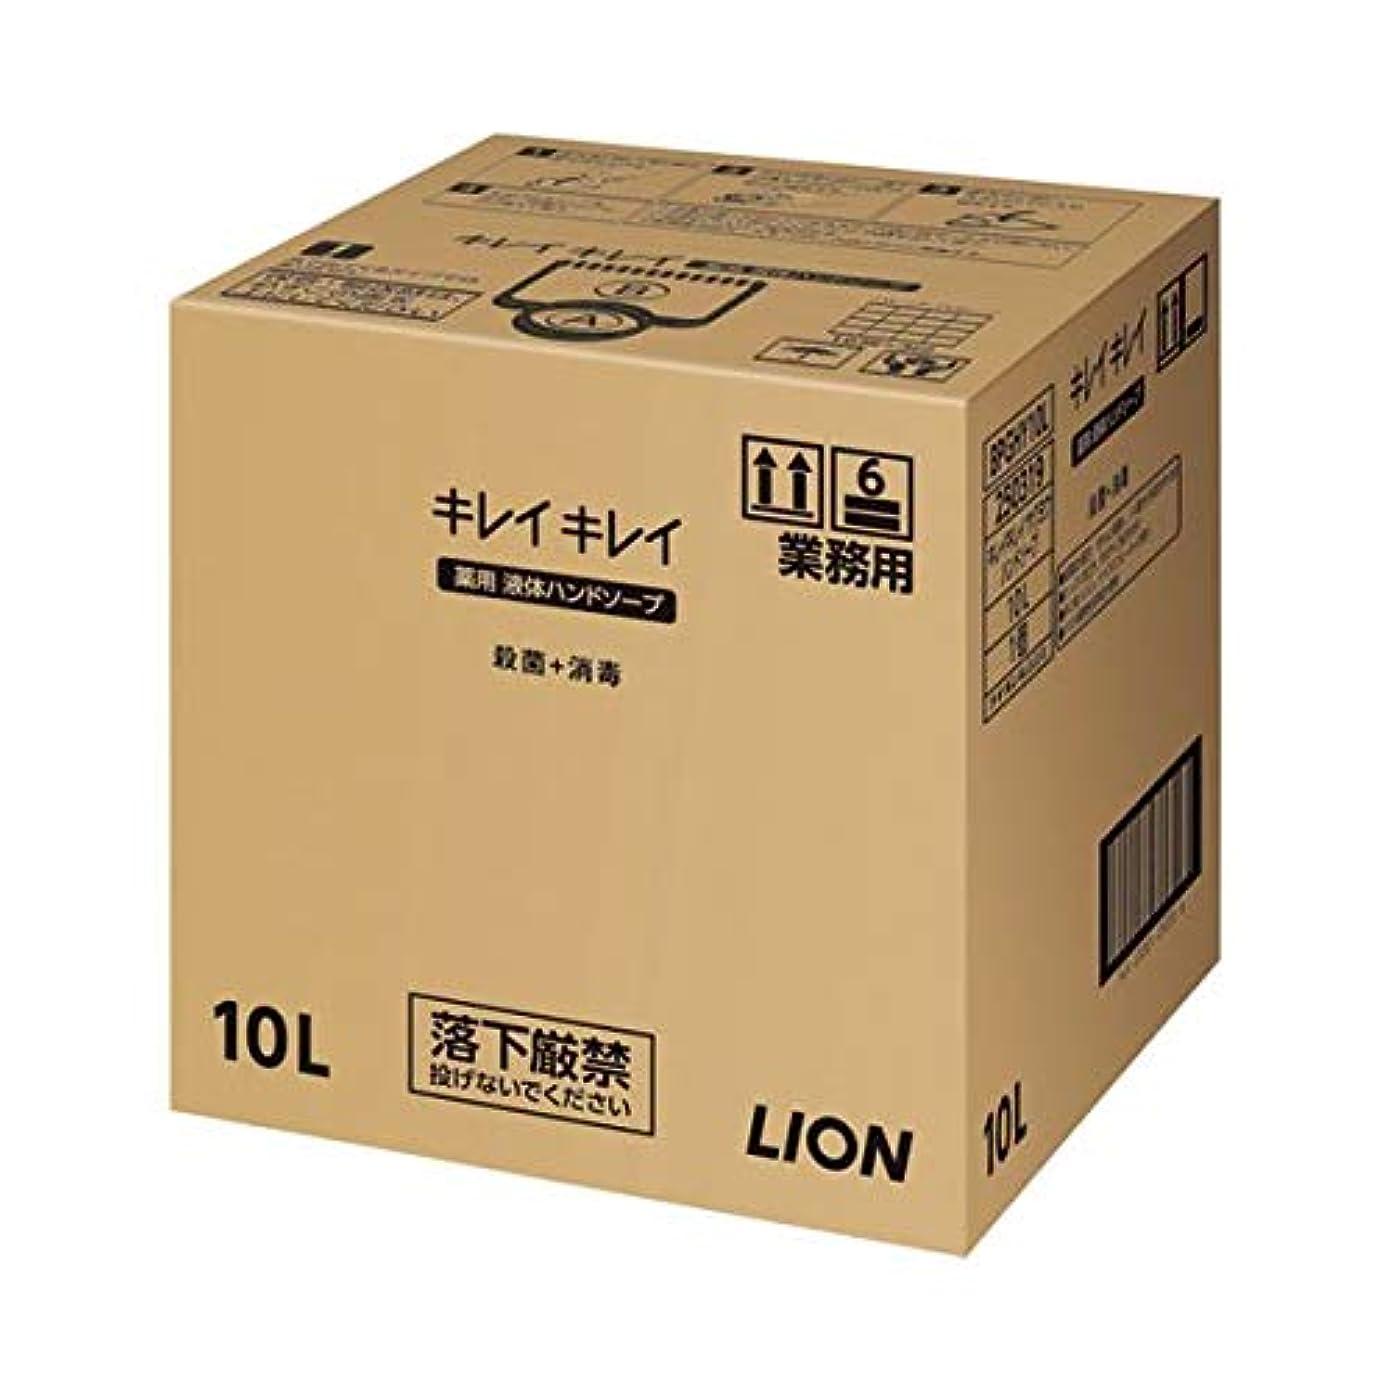 並外れたテクスチャー漏れライオン キレイキレイ 薬用ハンドソープ 10L ダイエット 健康 衛生用品 ハンドソープ 14067381 [並行輸入品]